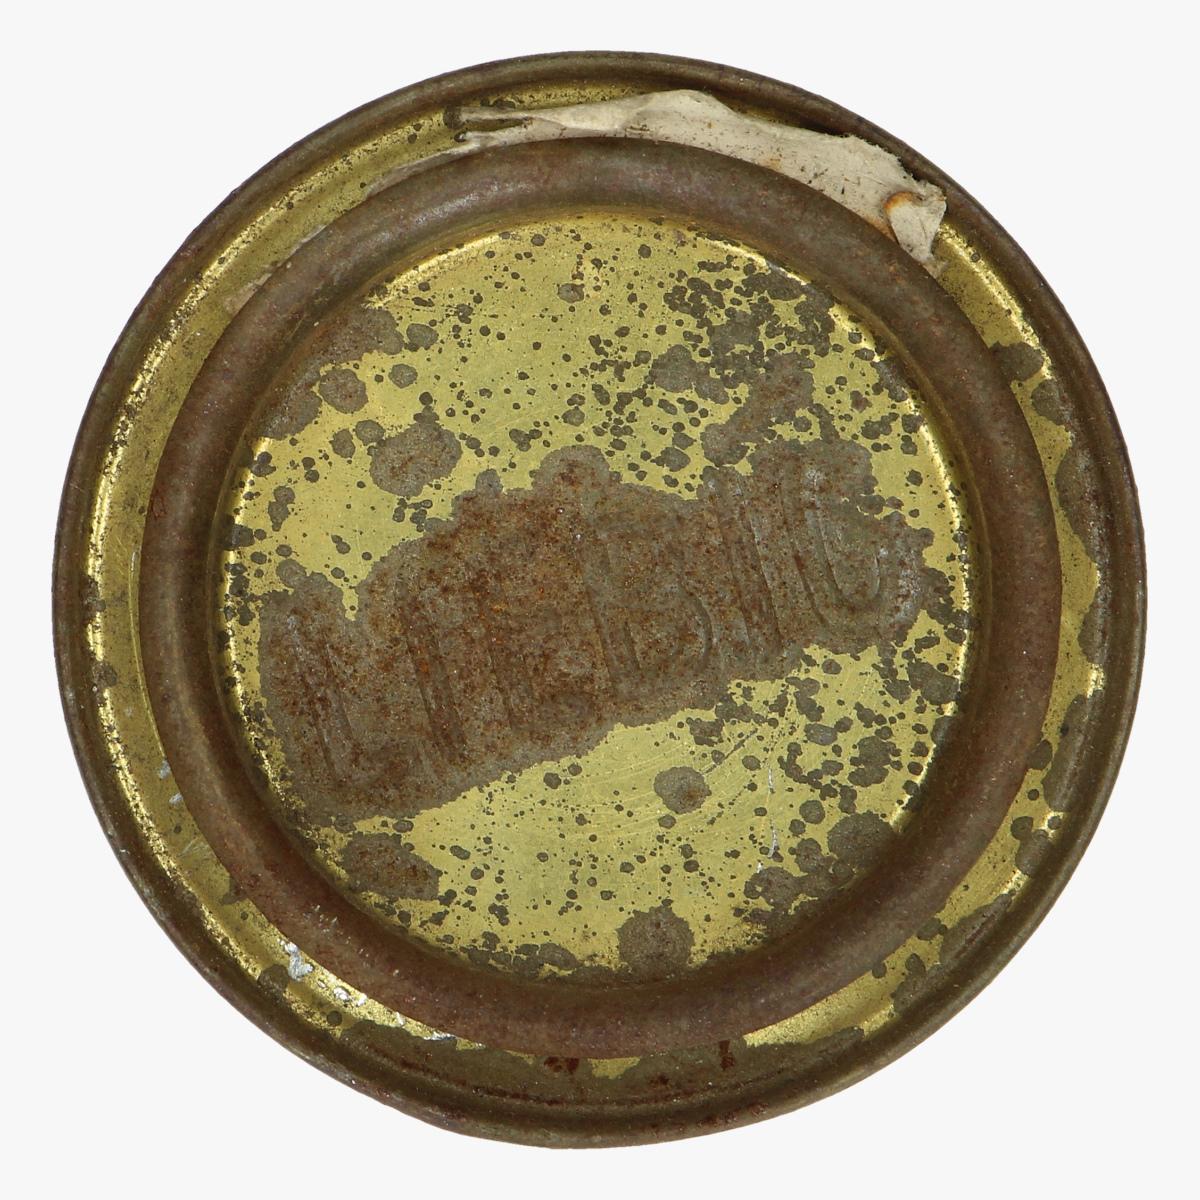 Afbeeldingen van oude verpakking oxo cubes de bouillon produit liebig